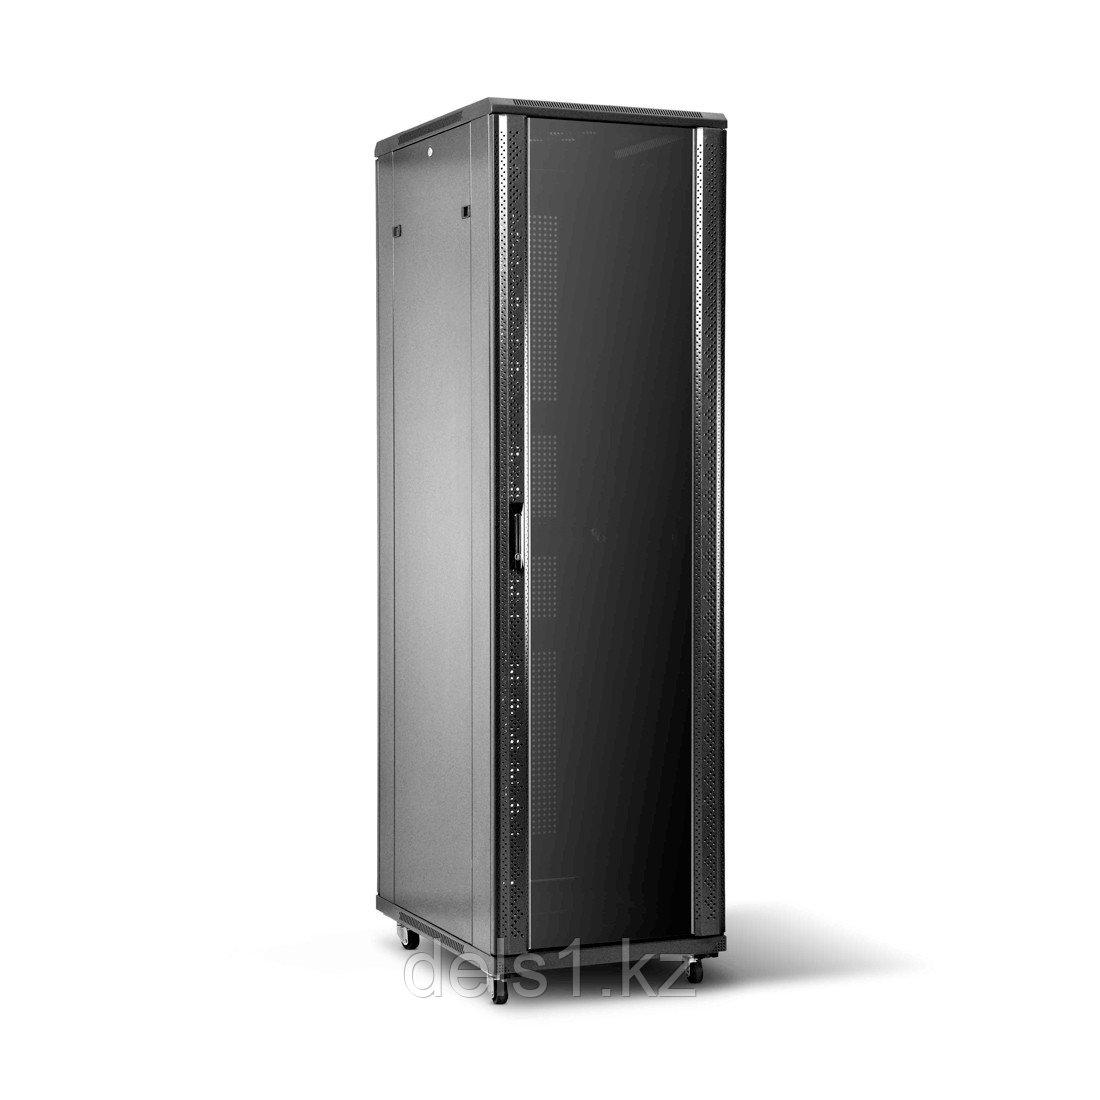 Шкаф серверный напольный SHIP 601S.6833.24.100 33U 600*800*1600 мм